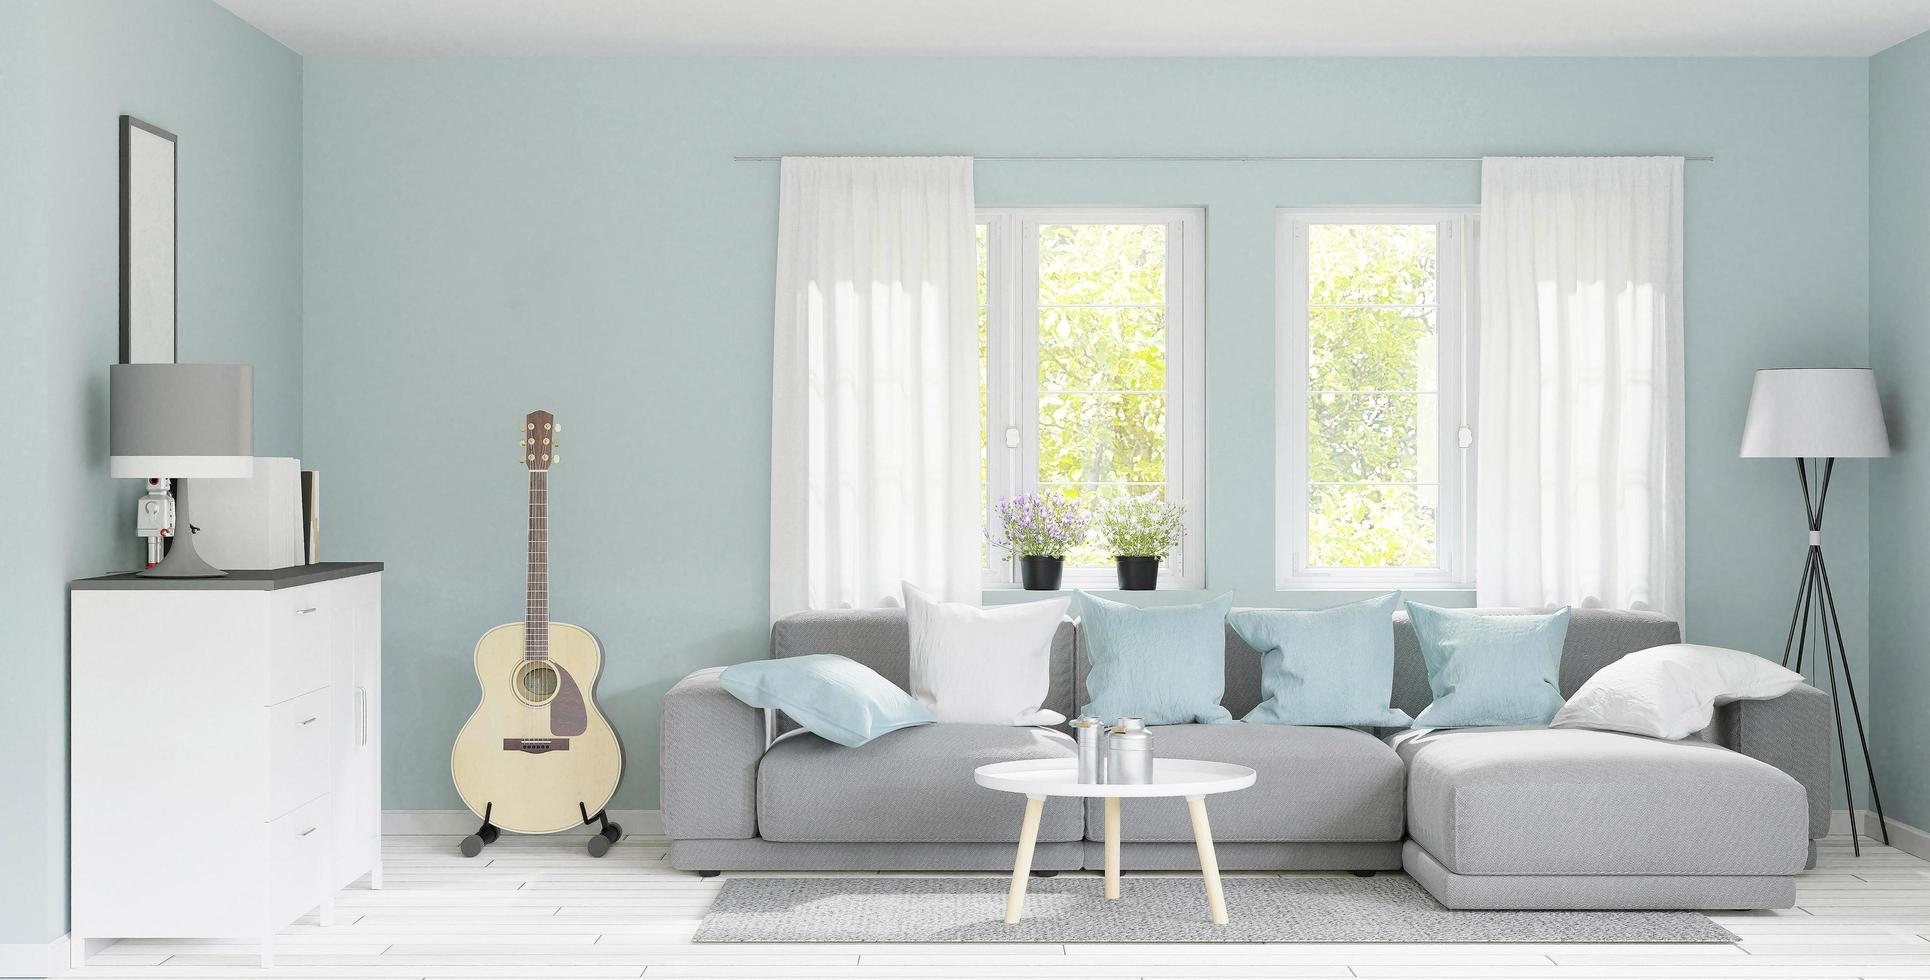 Modern big living room rendering photo